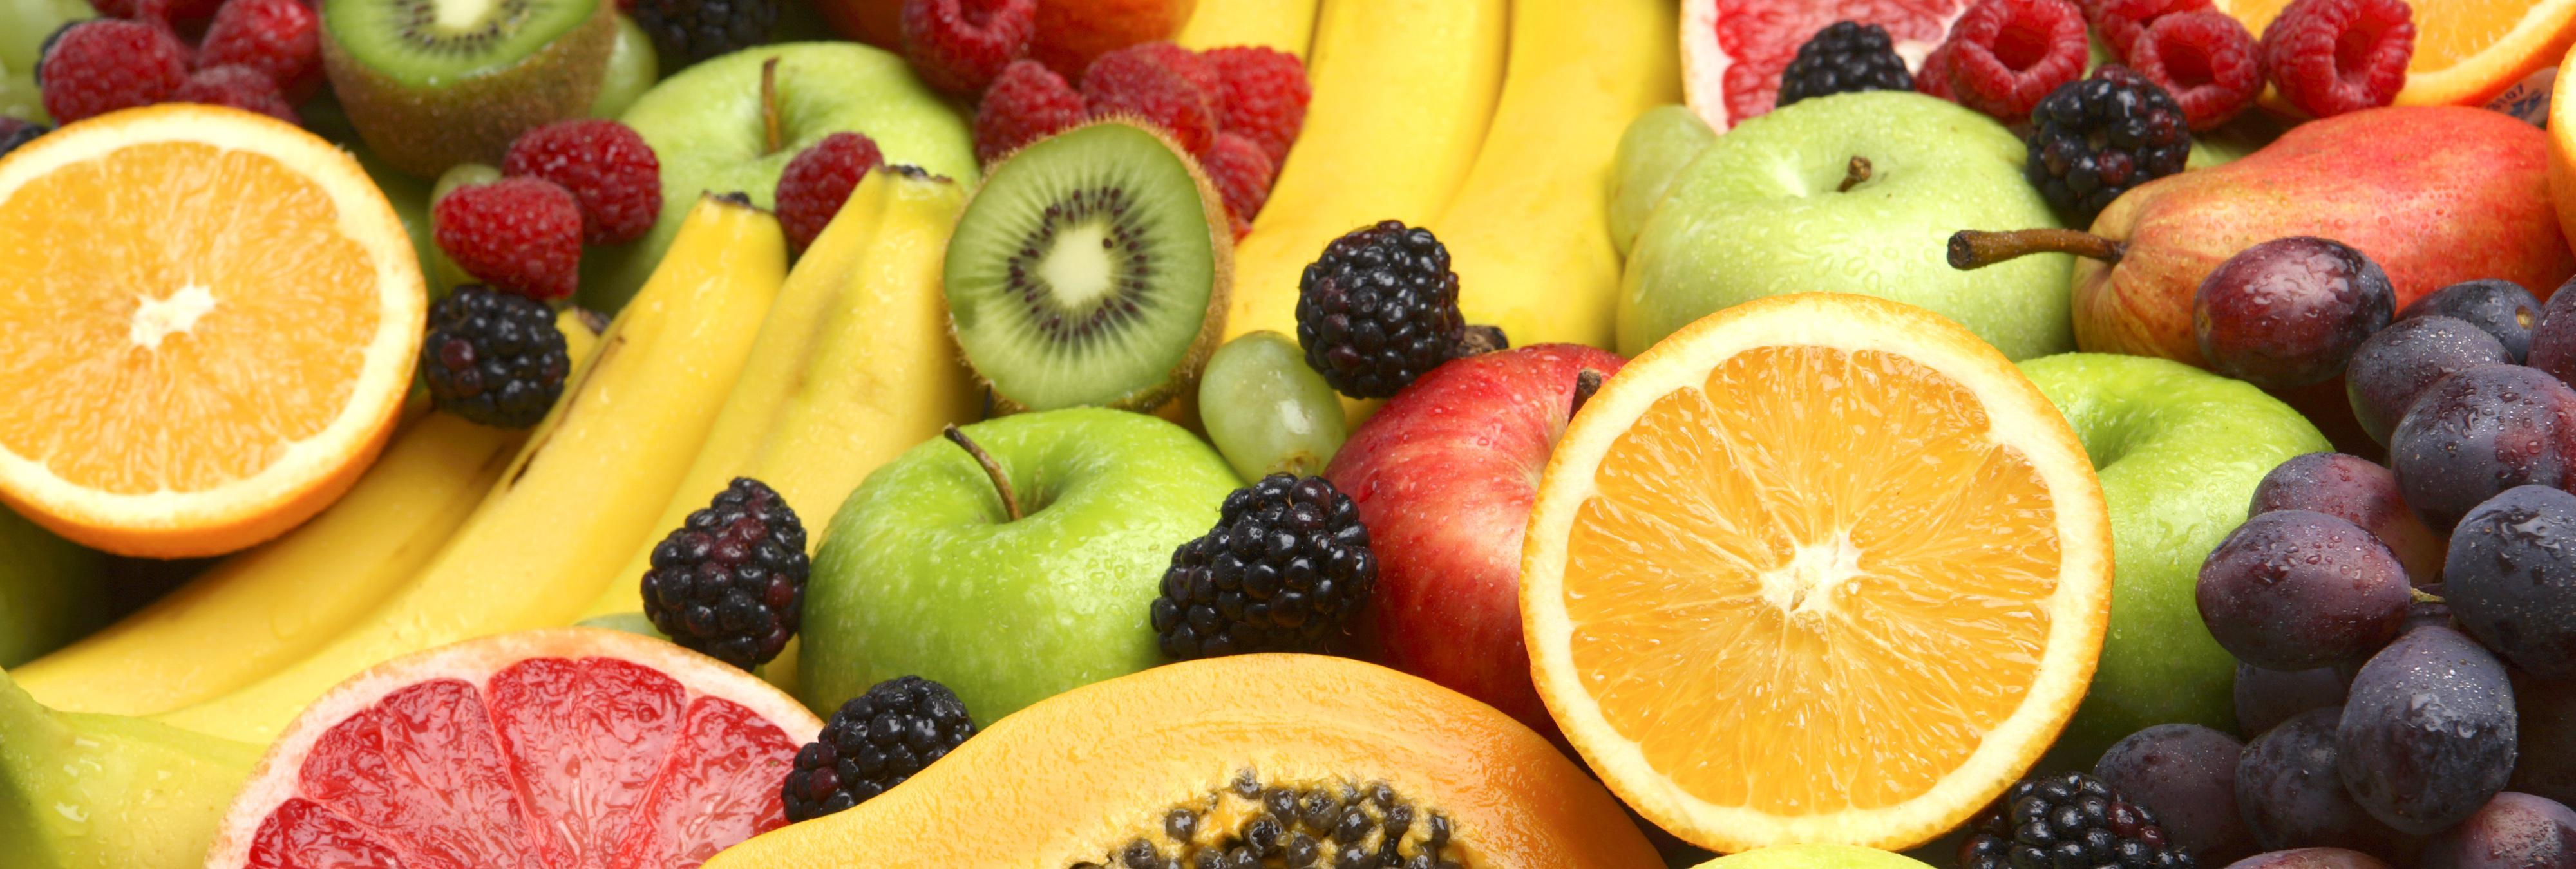 Un ginecólogo advierte sobre los peligros de introducir fruta en la vagina